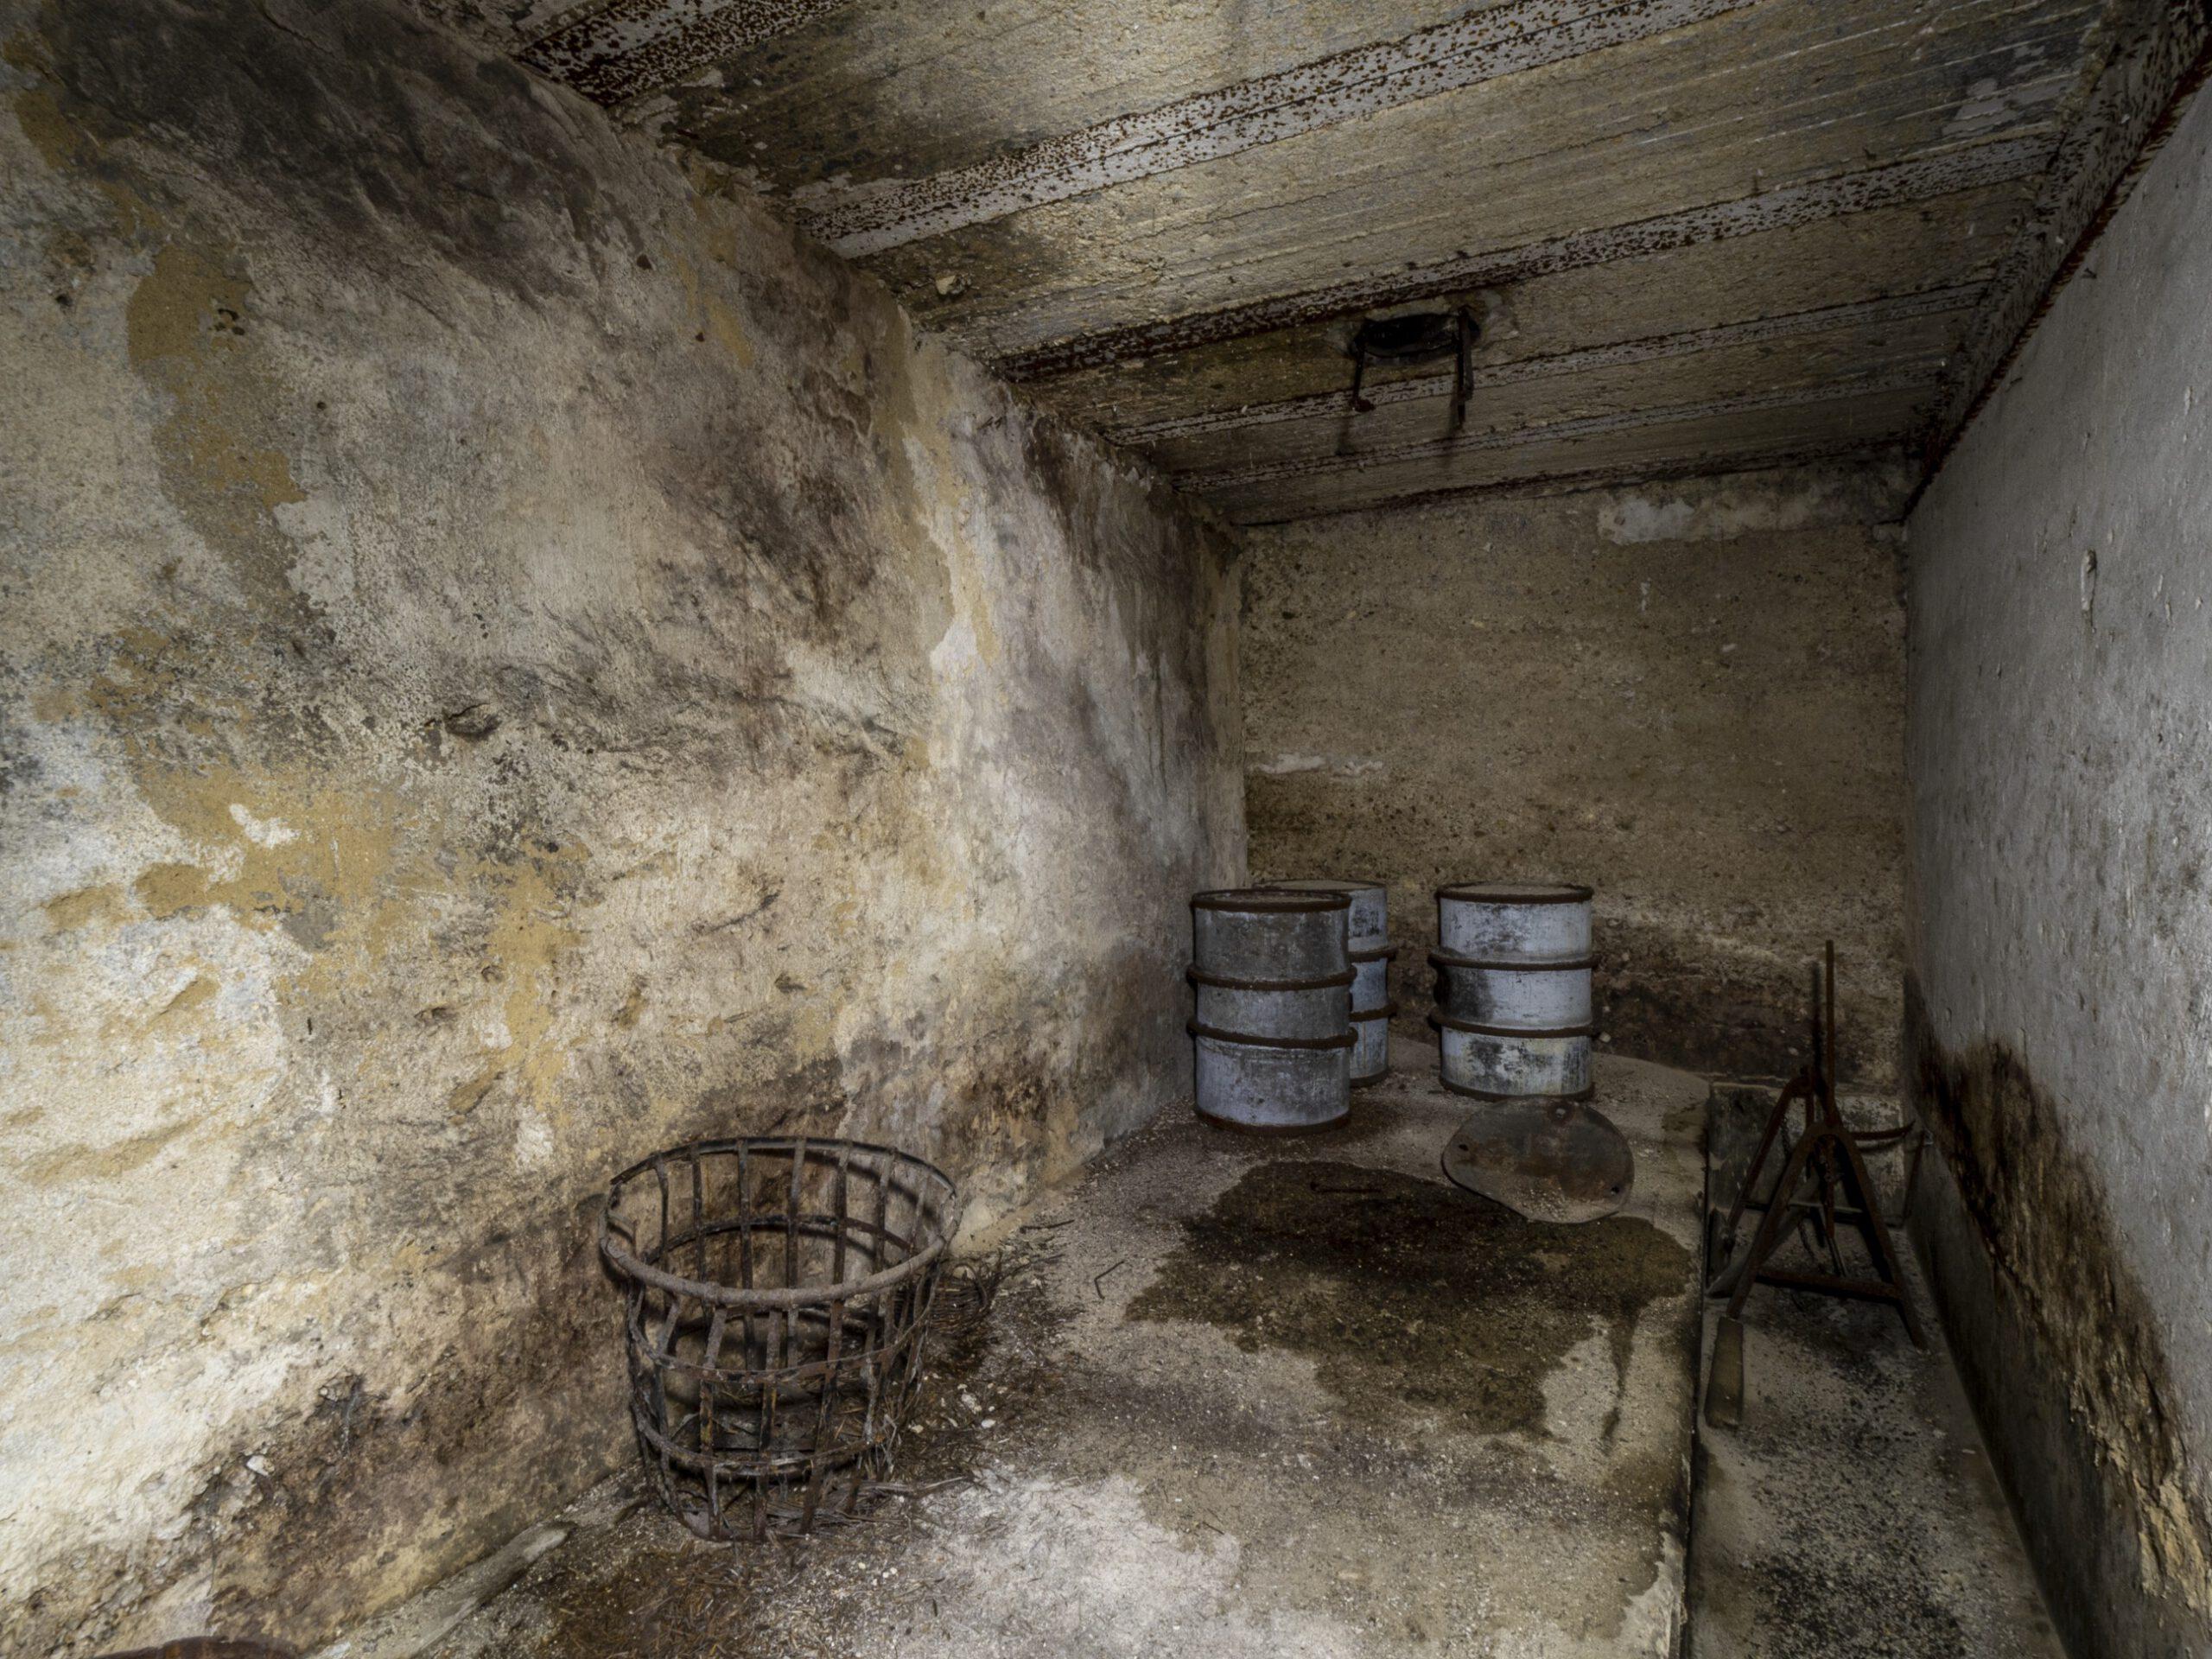 Öl Lager der Grube Velsen